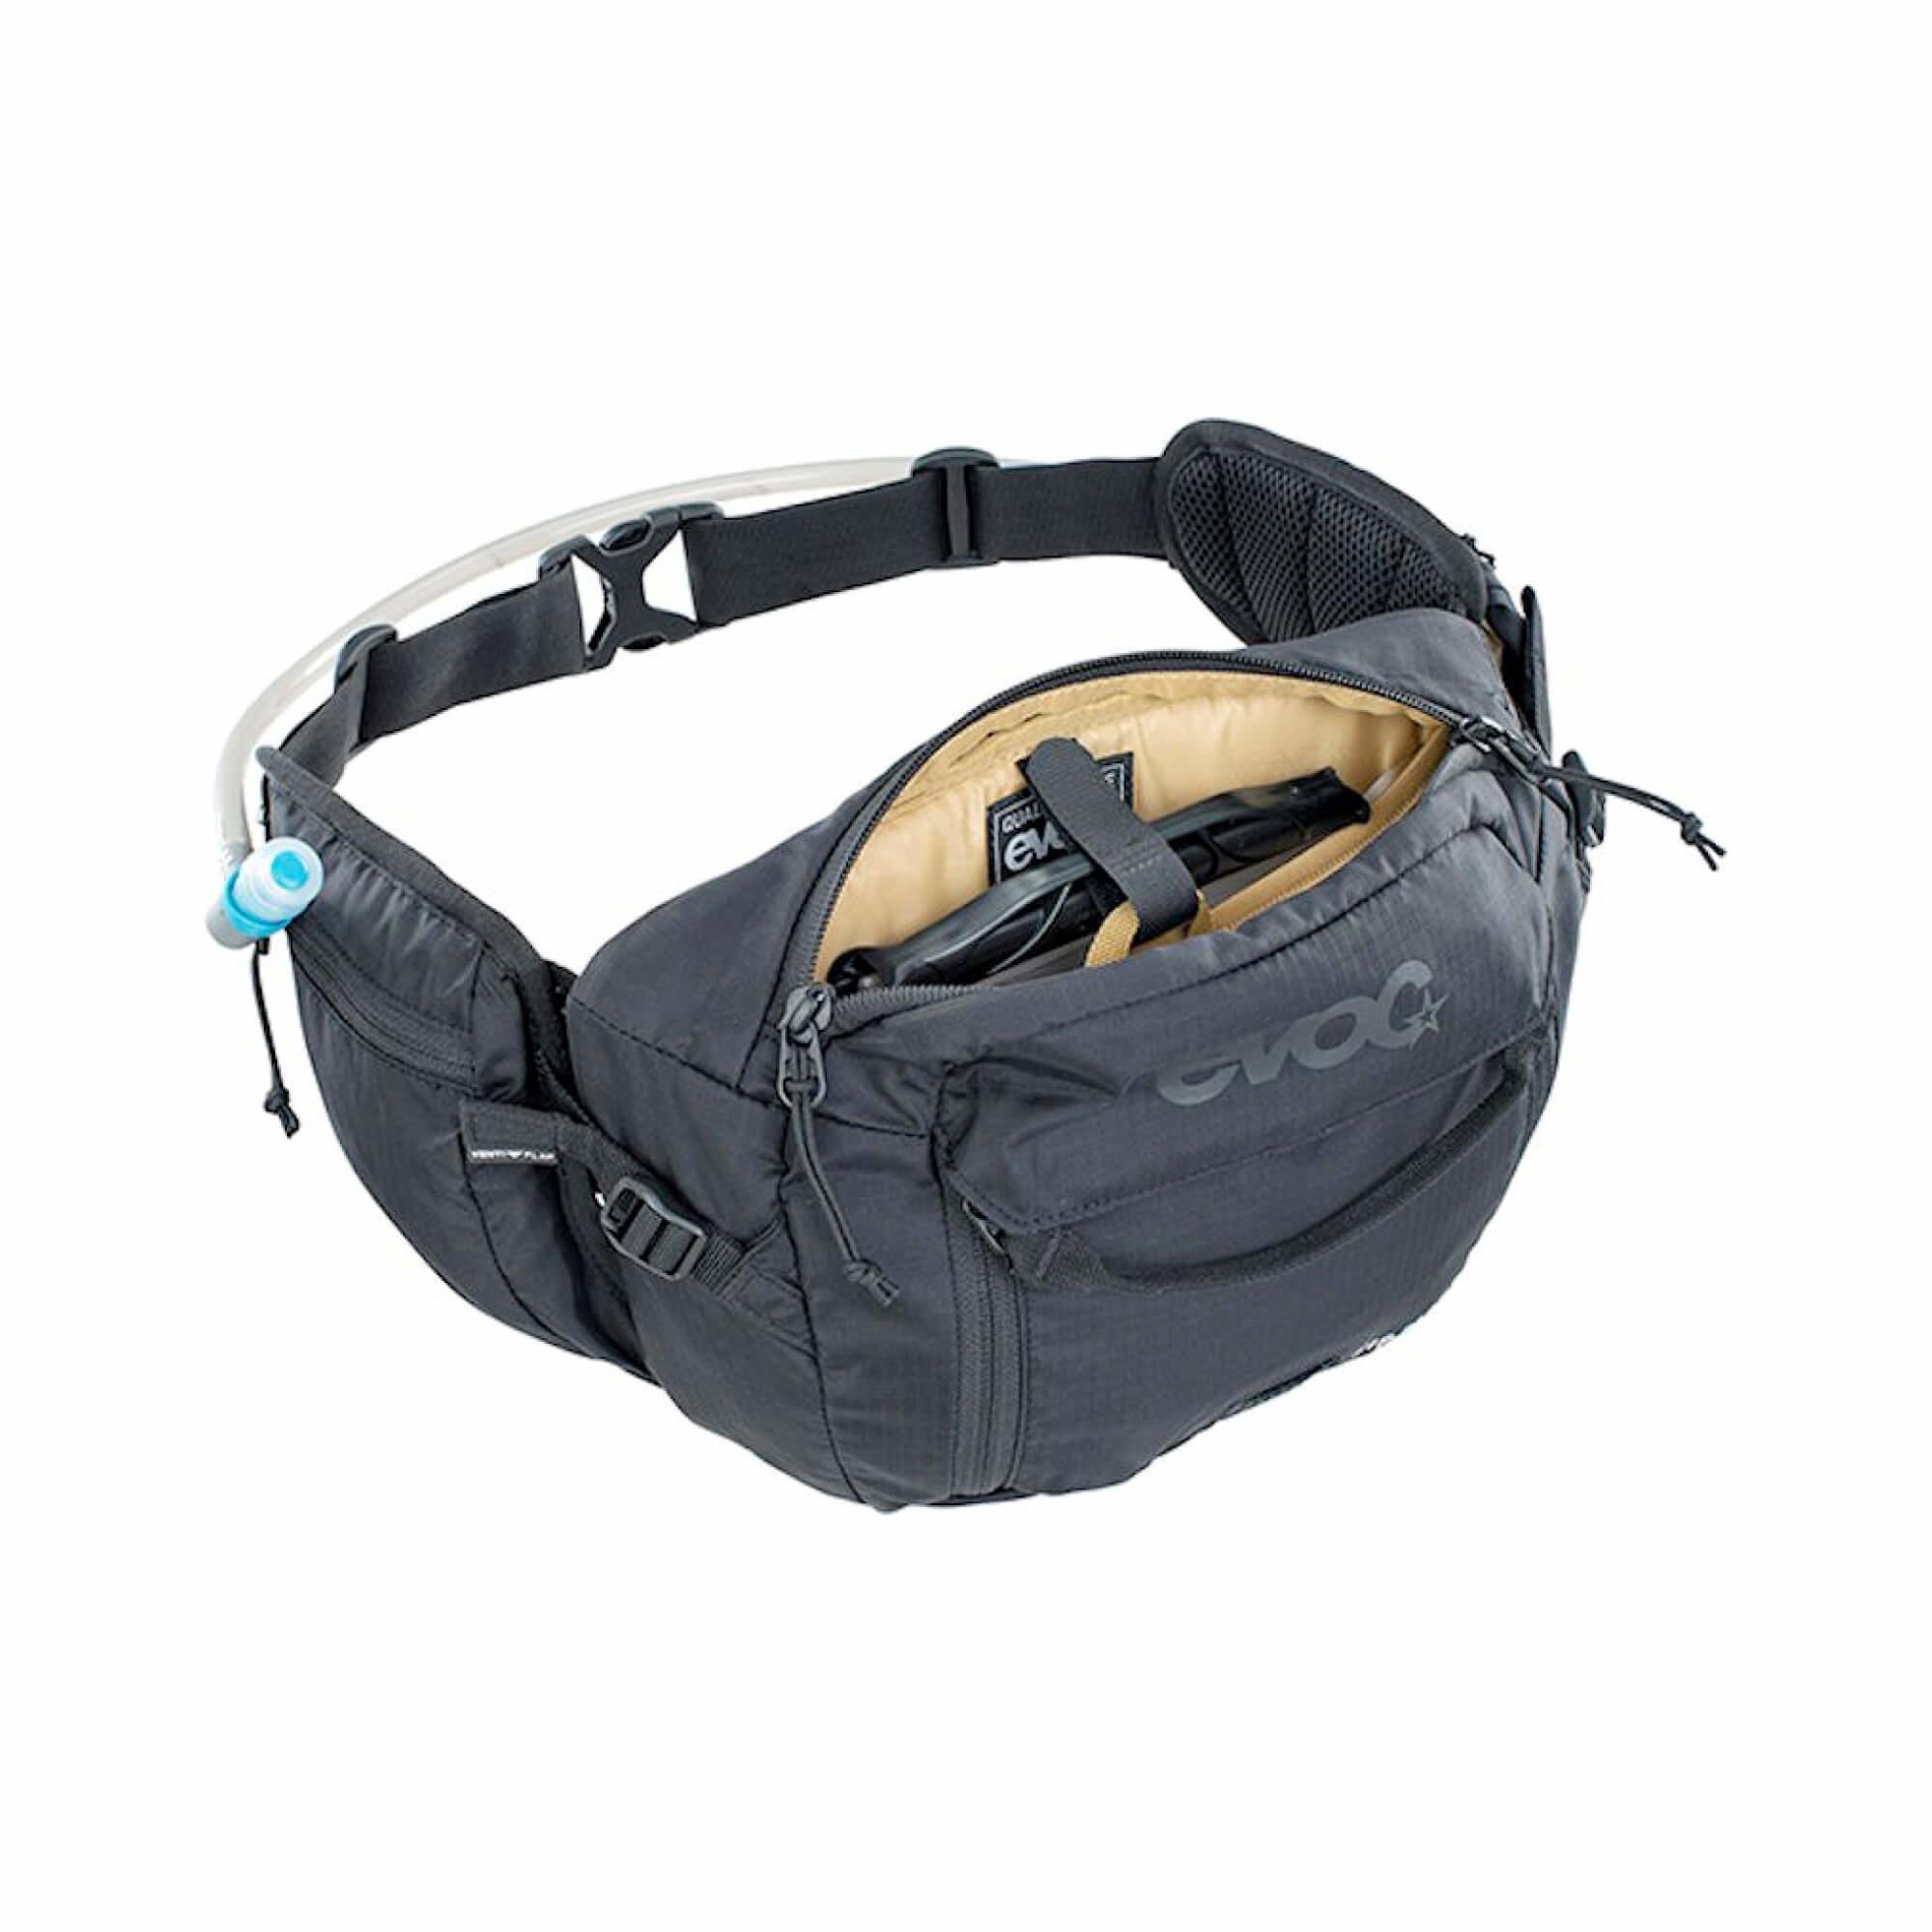 Hip Pack 3L + 1.5L Bladder-6